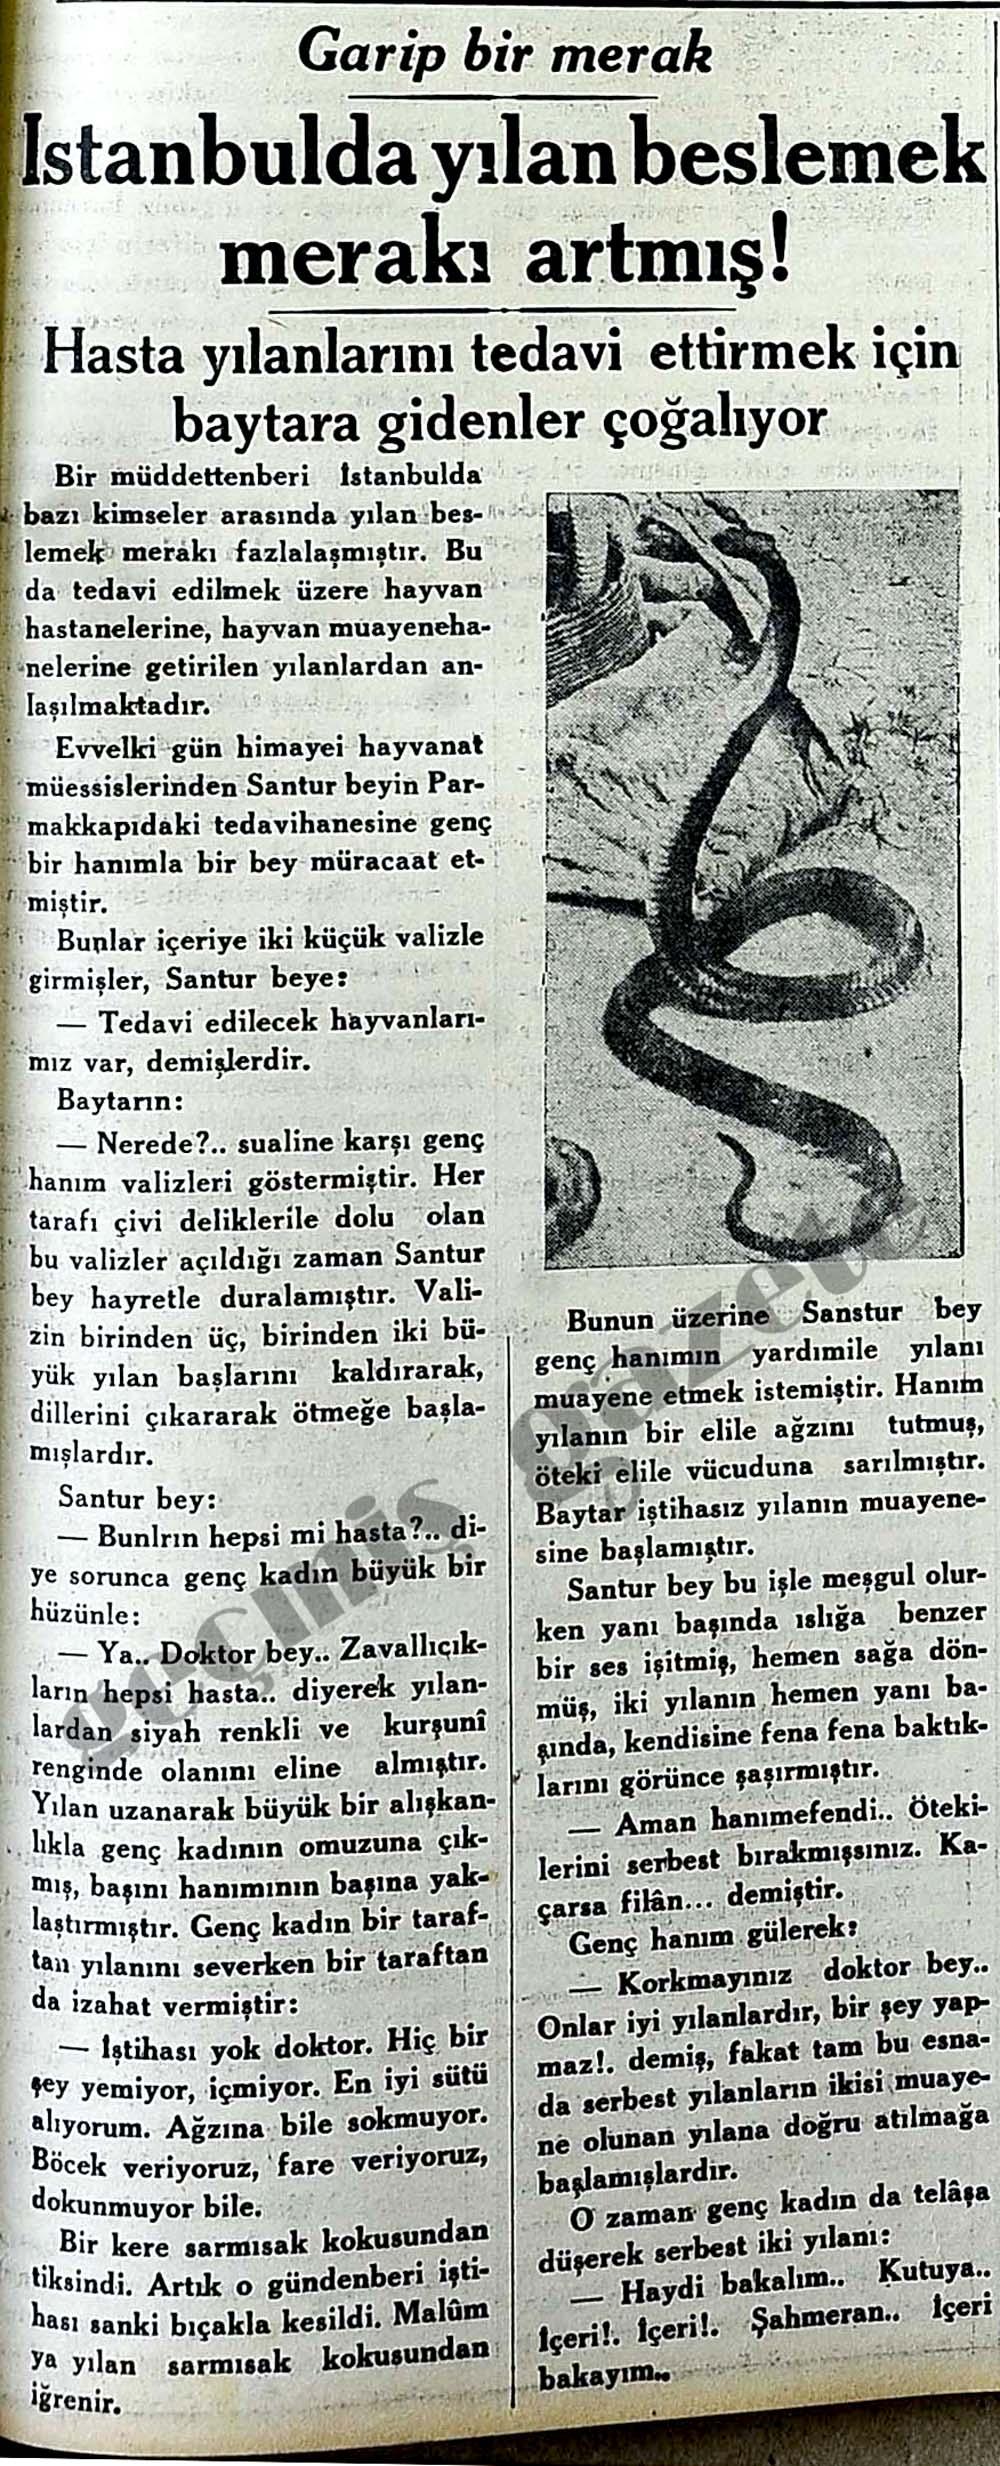 İstanbulda yılan beslemek merakı artmış!